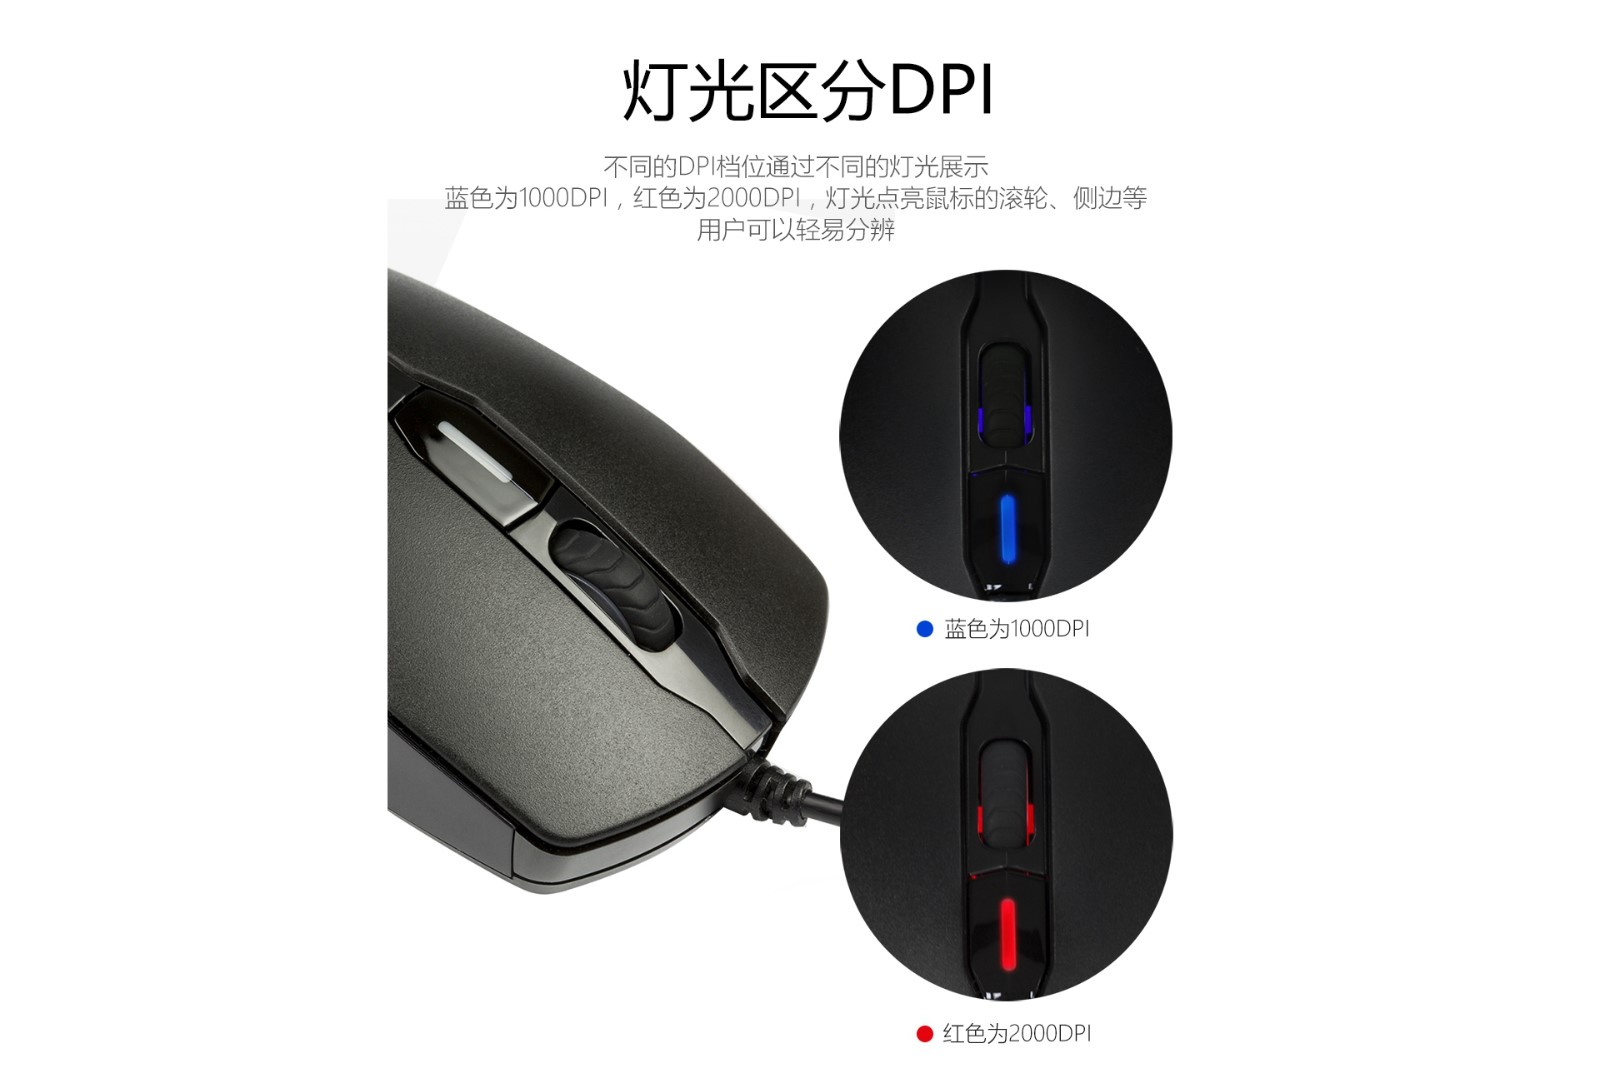 MC4000鼠标详情页6.jpg